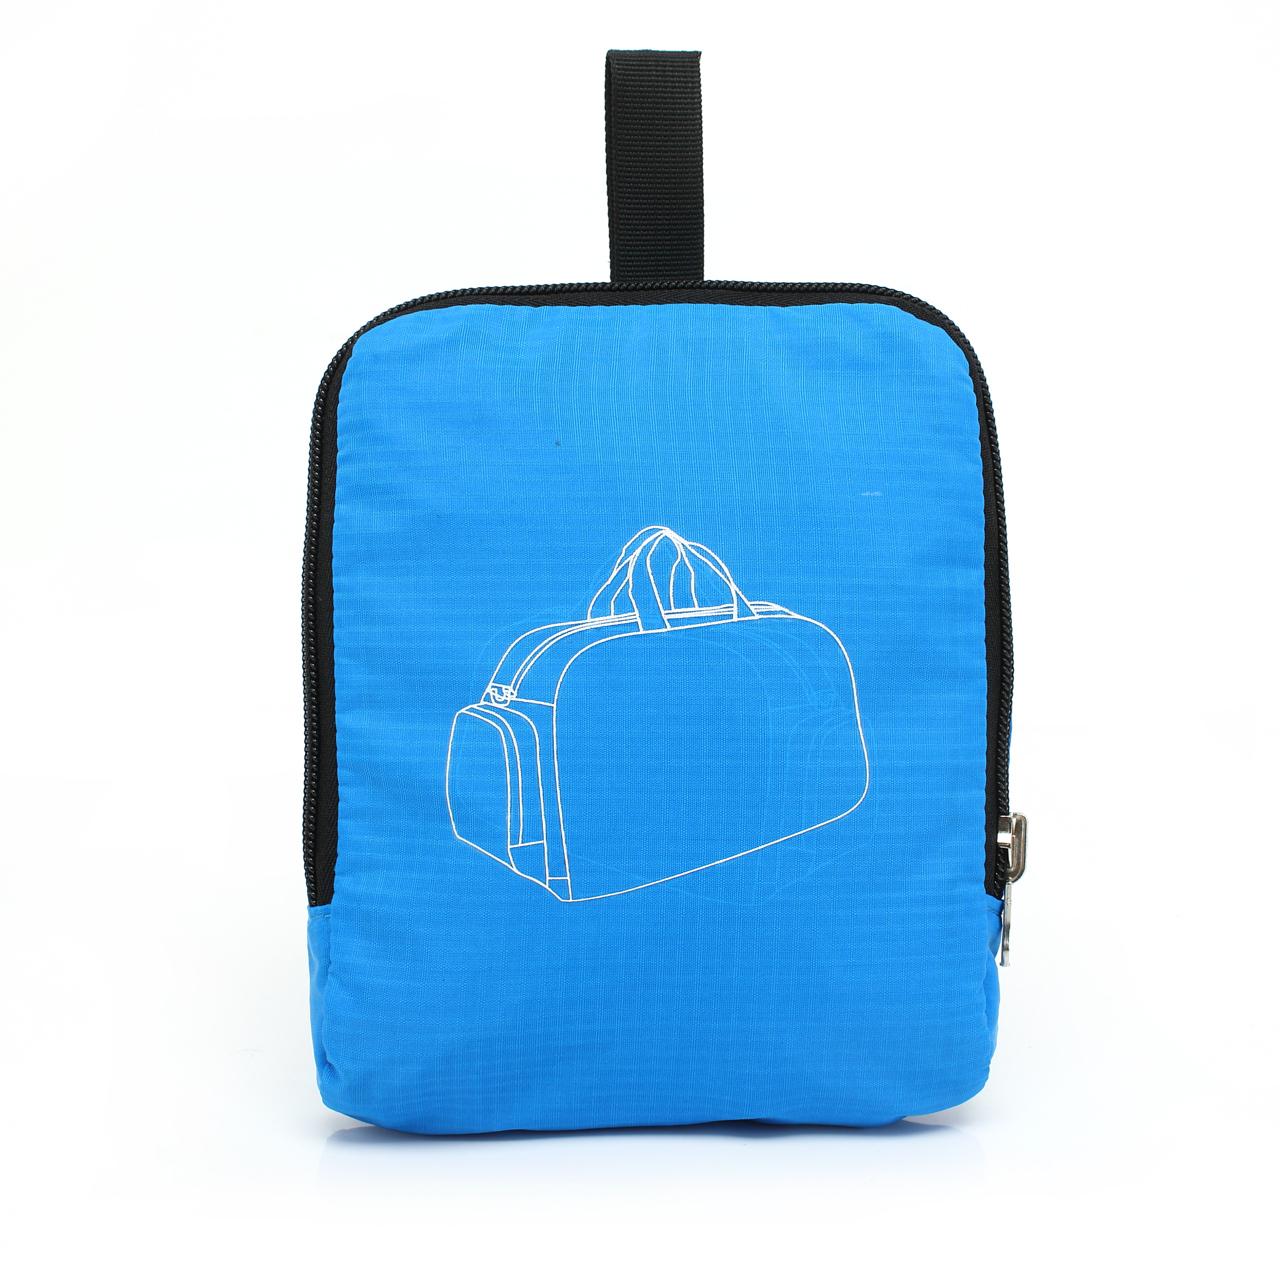 炫彩輕便折疊旅行袋